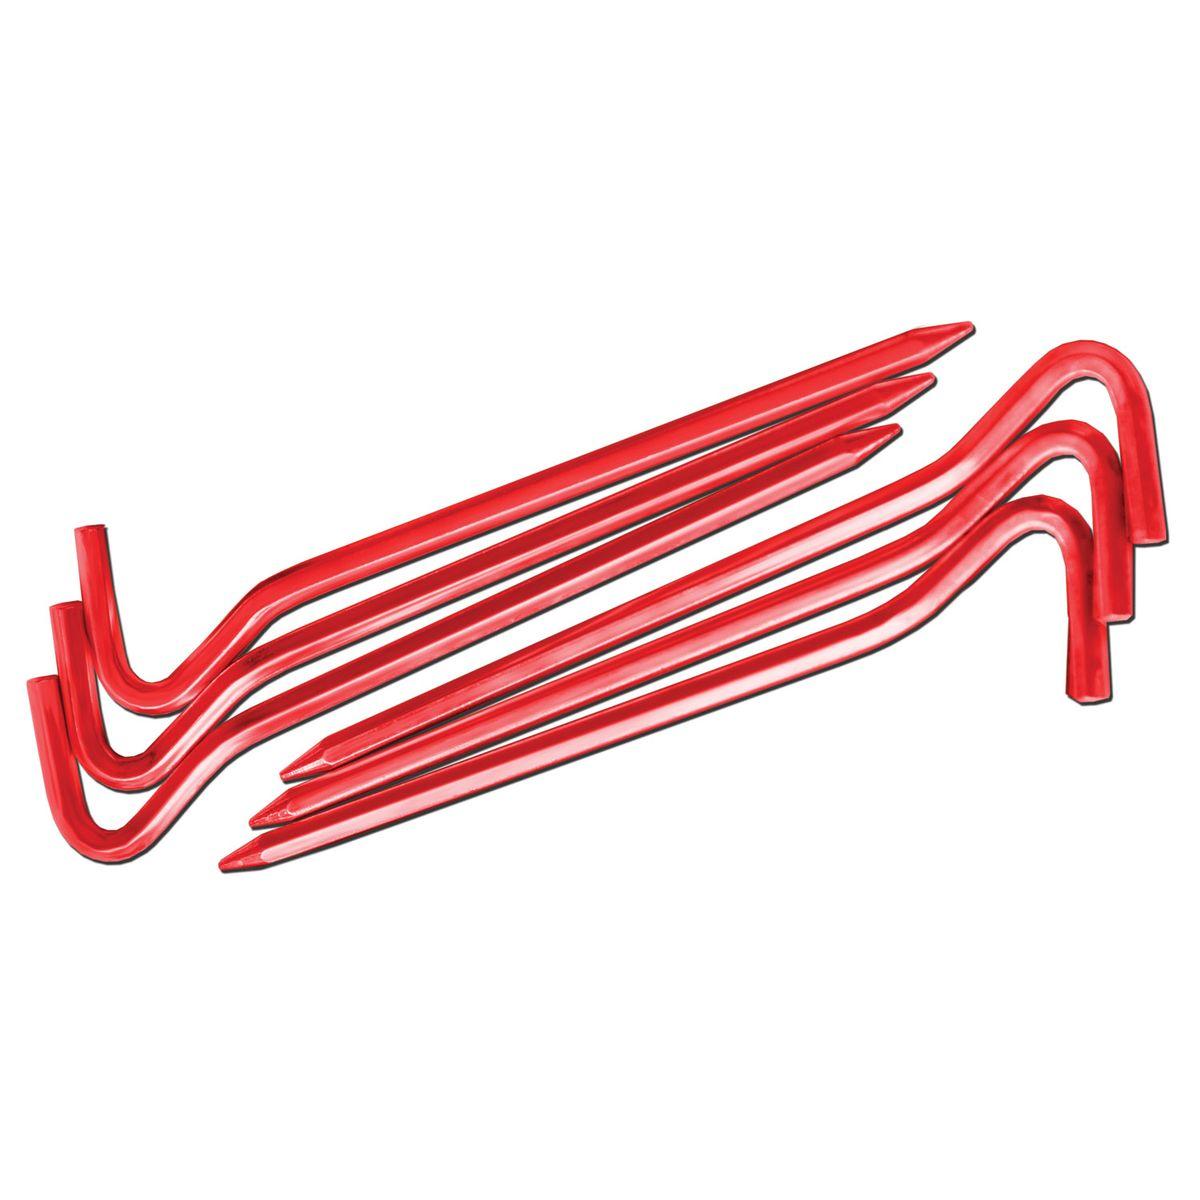 Комплект колышков шестигранных Nova Tour v2, цвет: красный металлик, 10 шт95642-013-00Легкие и прочные колышки Nova Tour v2 предназначены для установки палатки. Яркие, не теряются в траве. Изготовлены из алюминиевого сплава. В комплекте 10 шестигранных колышков усиленной прочности